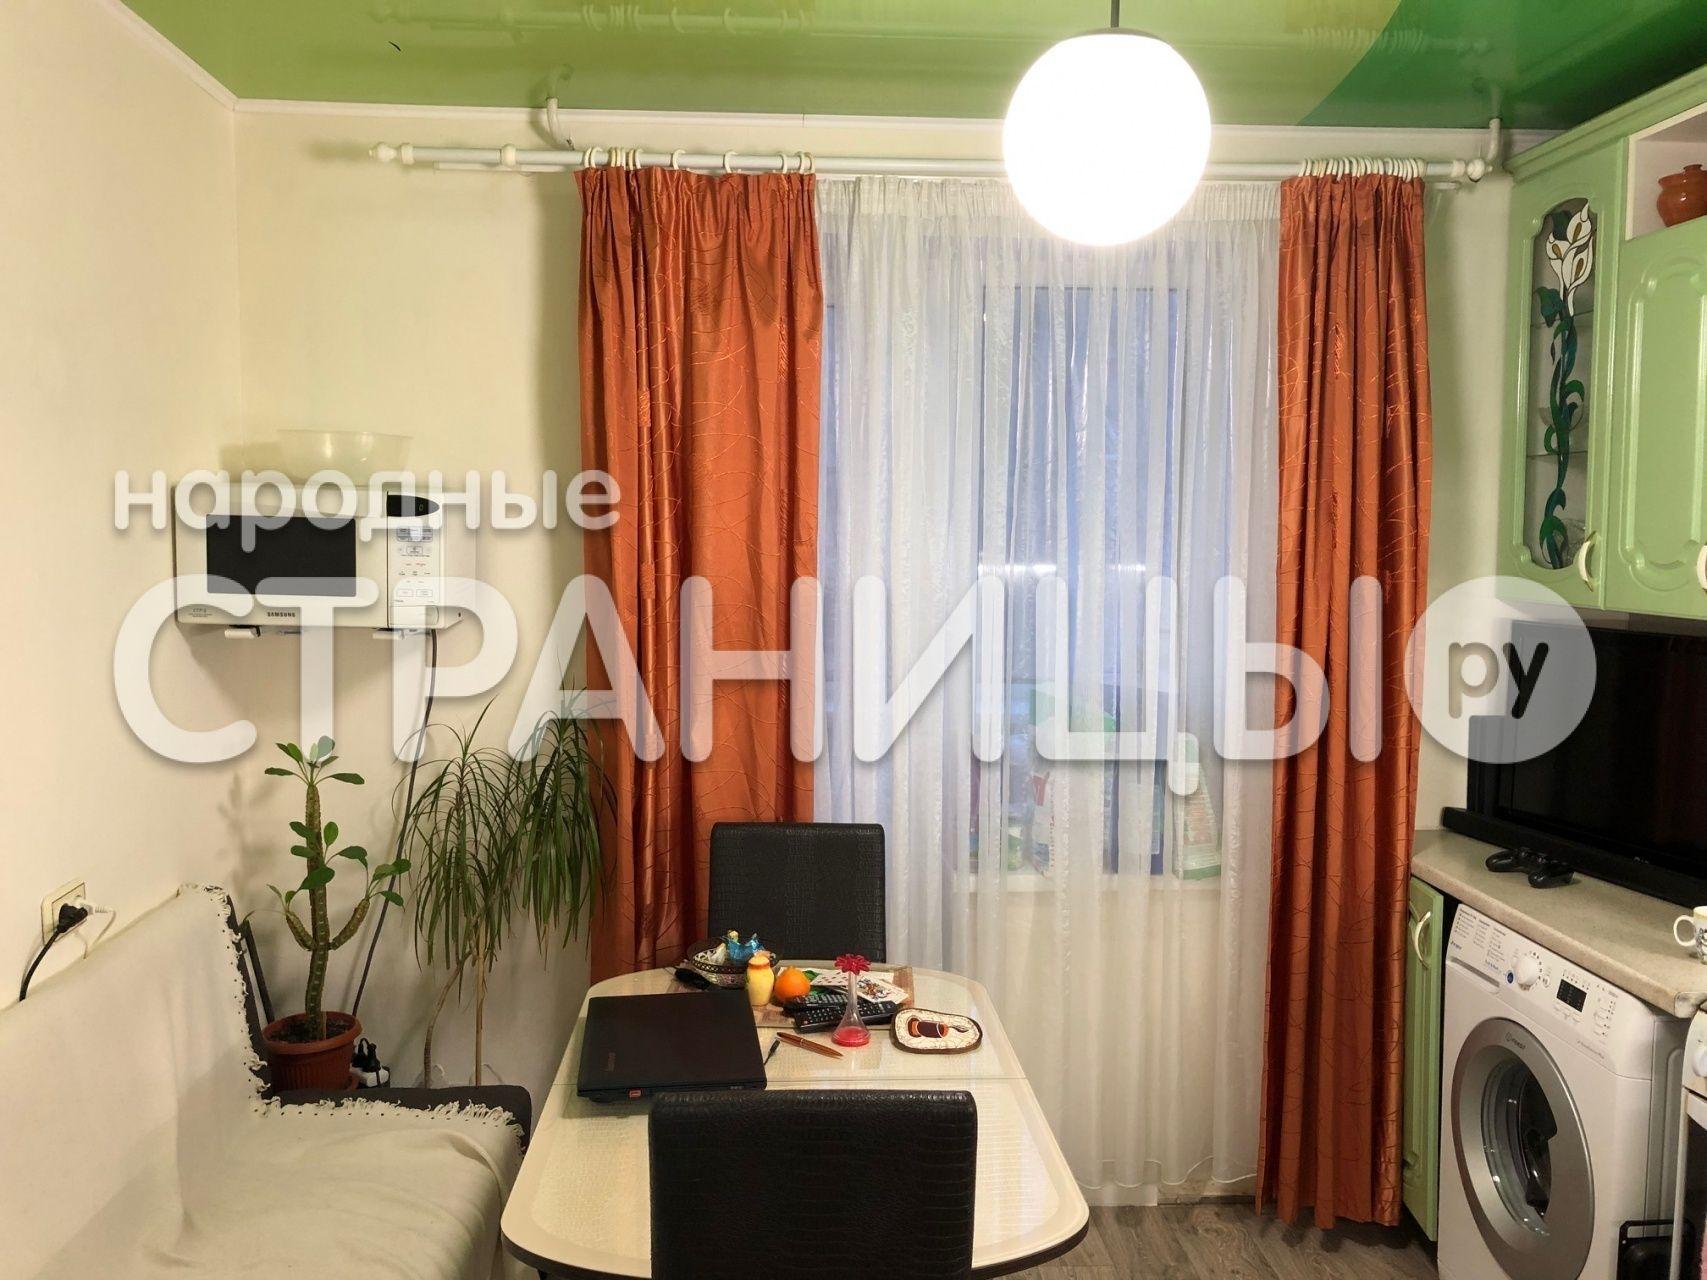 2-комнатная квартира, 53.0 м²,  4/5 эт. Панельный дом